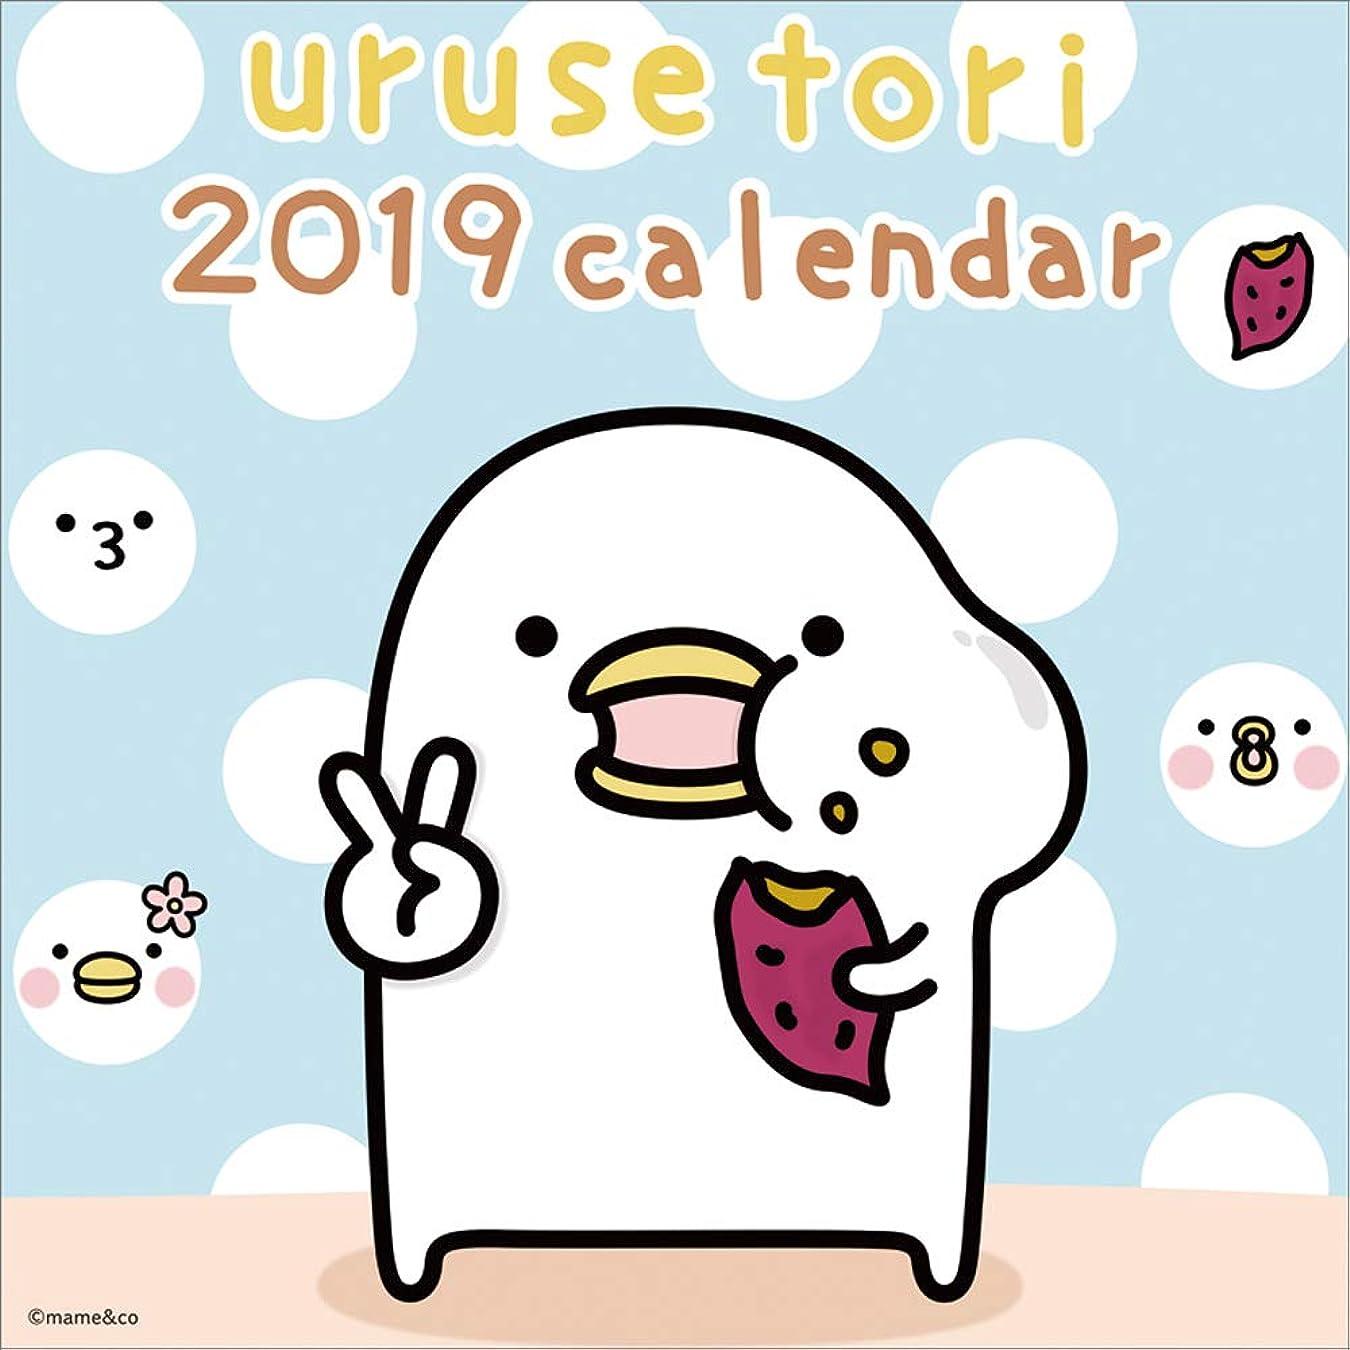 とらえどころのない課す侵入するうるせぇトリ 2019年 カレンダー 壁掛け CL-129